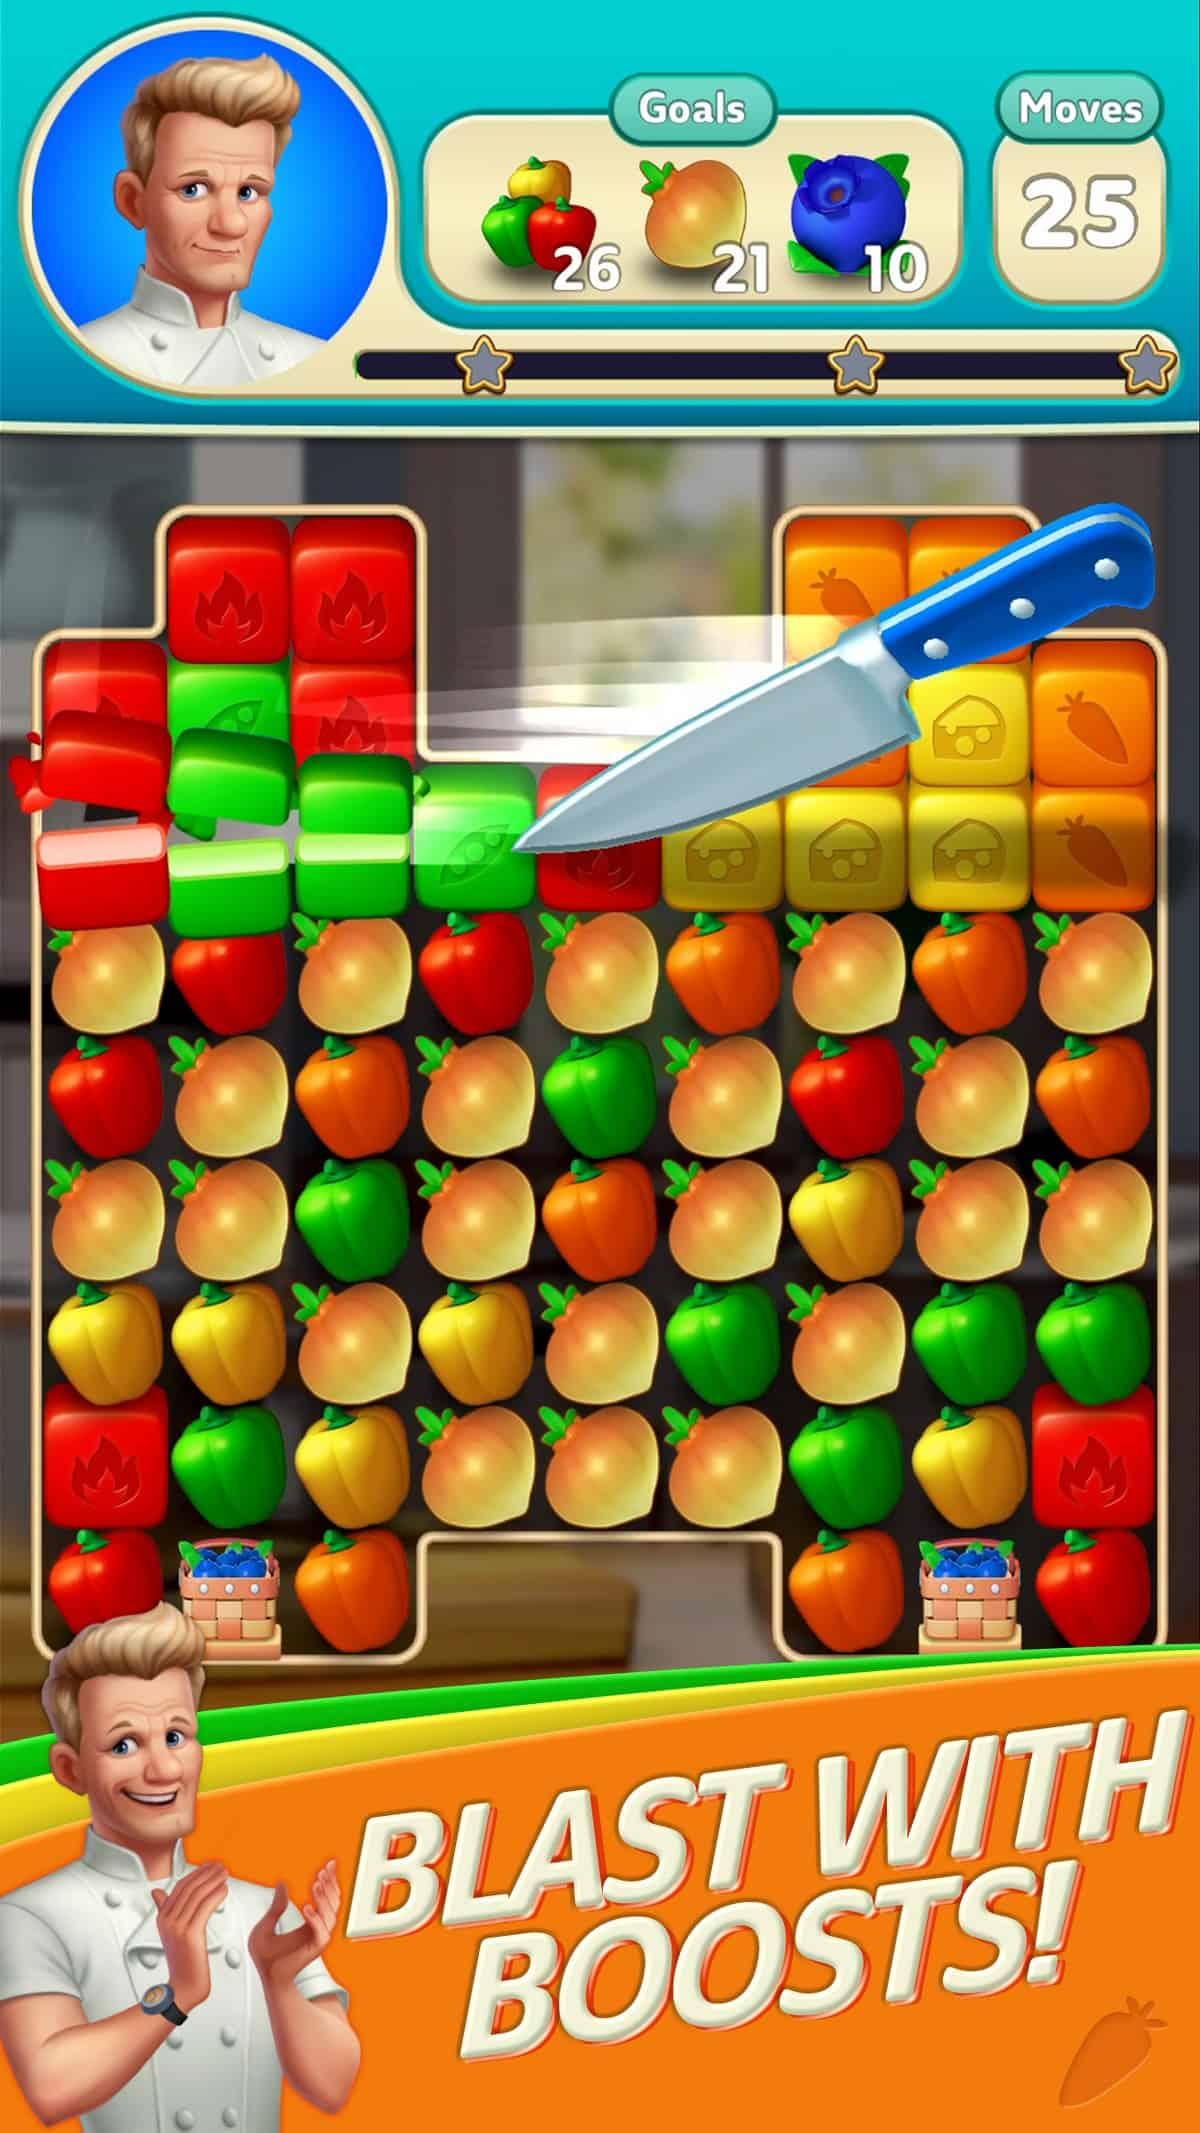 Screenshot of Gordon Ramsey's Chef Blast matching game